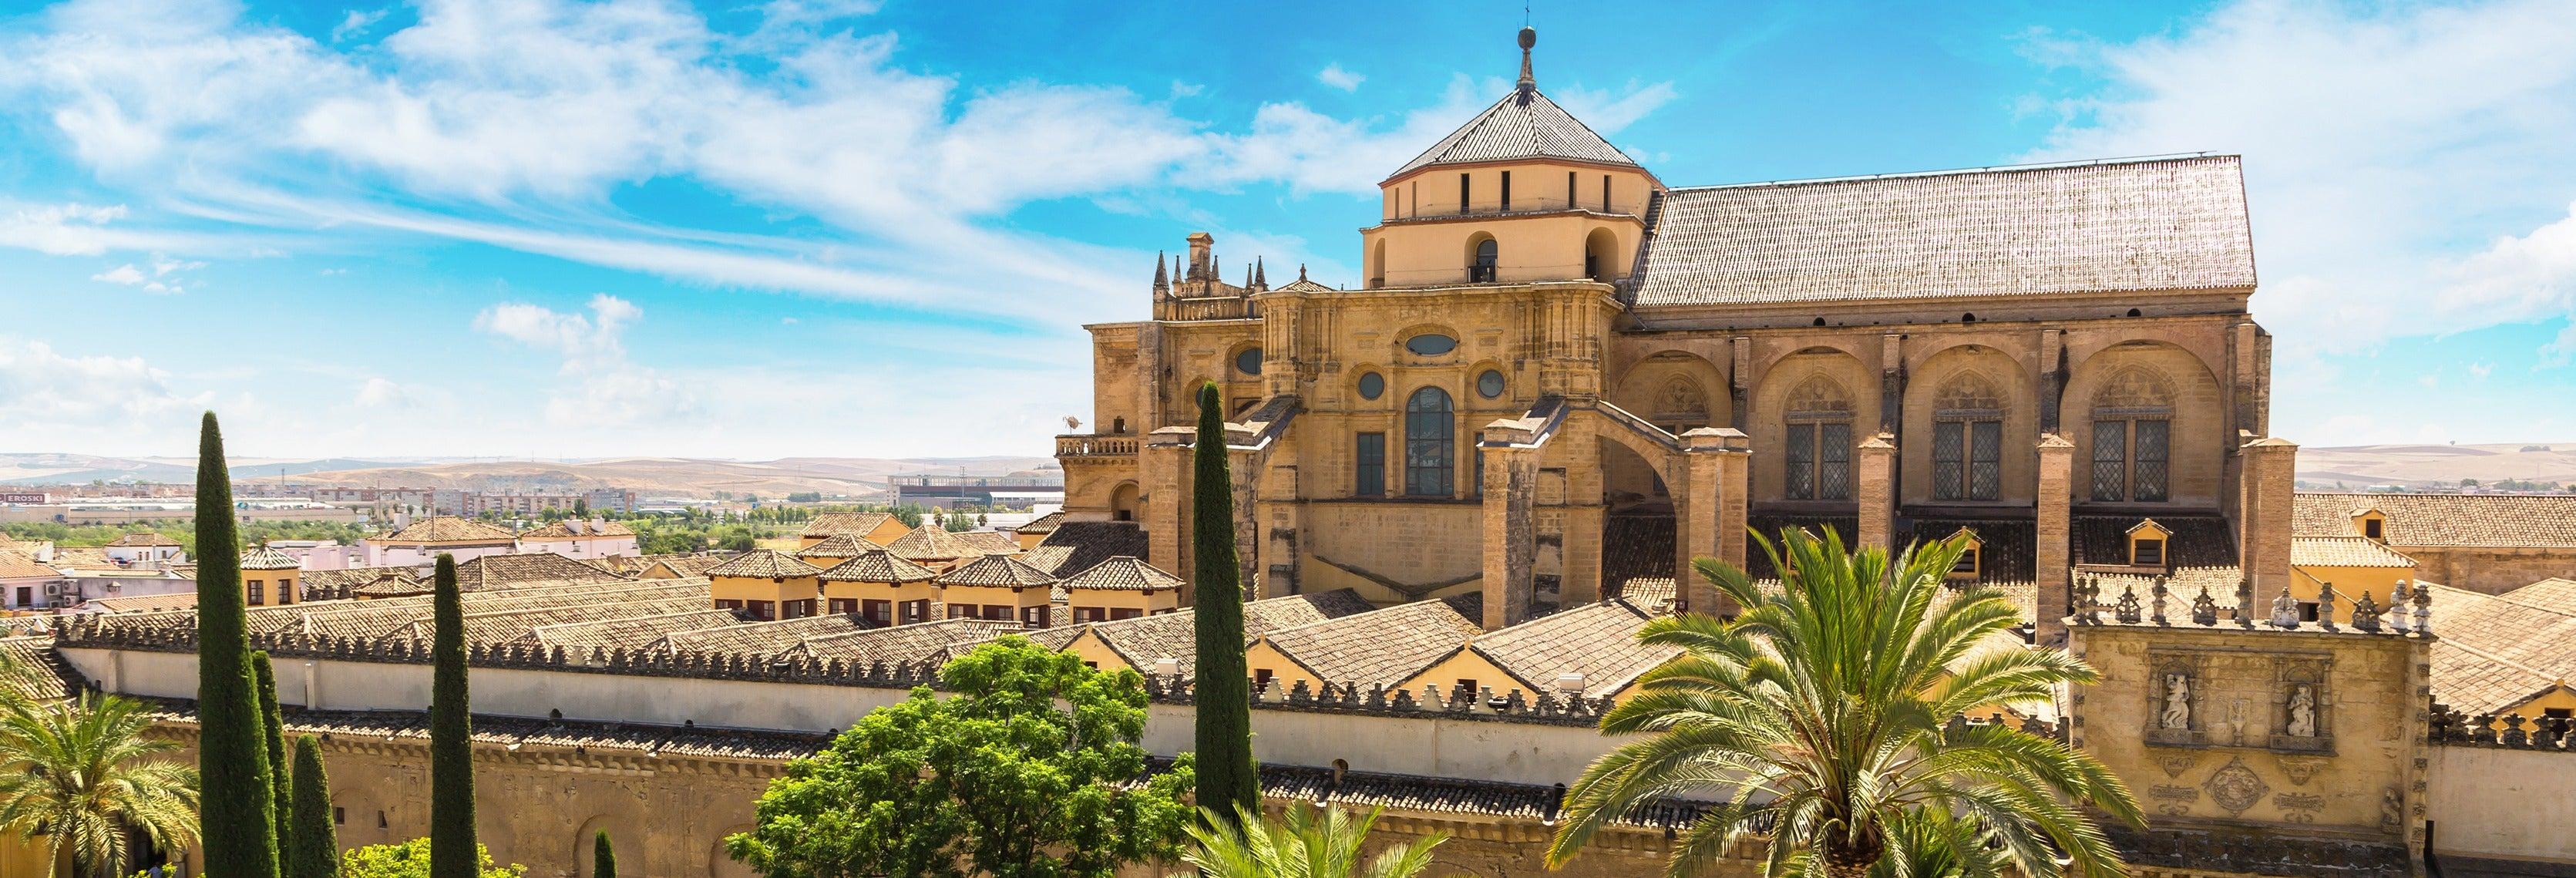 Visita guiada por la Mezquita y el Alcázar